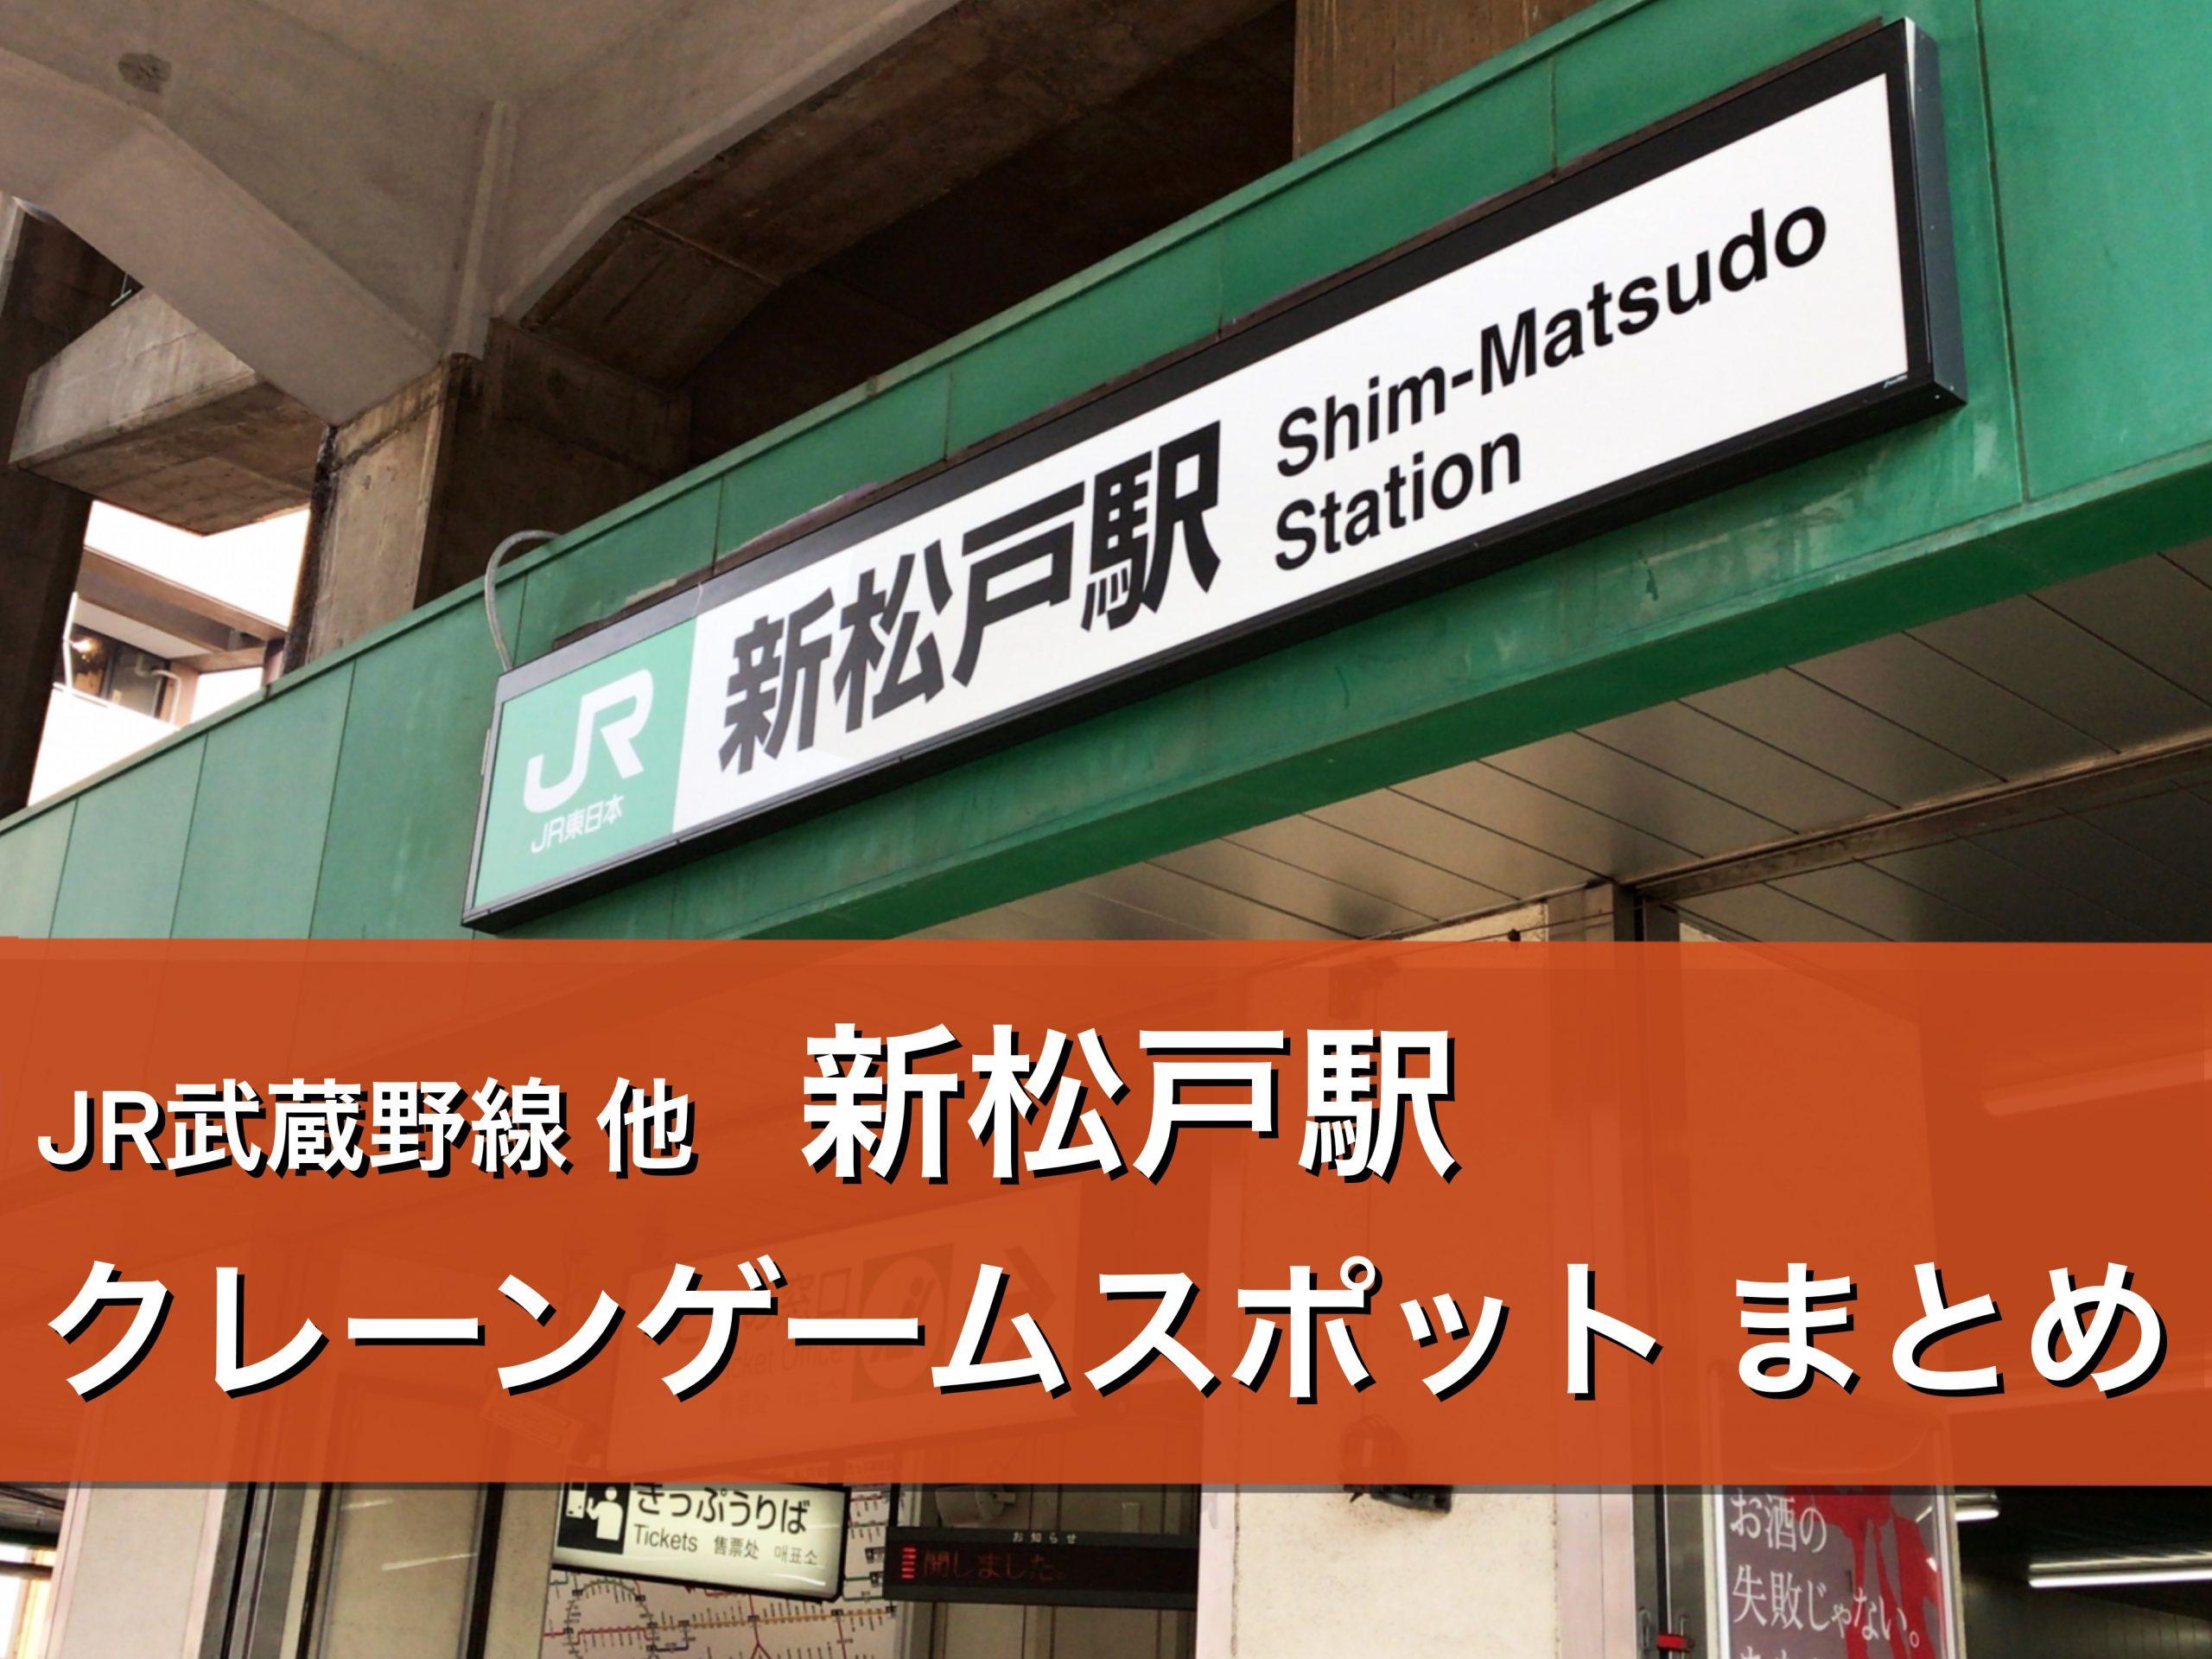 【新松戸駅】クレーンゲームができる場所